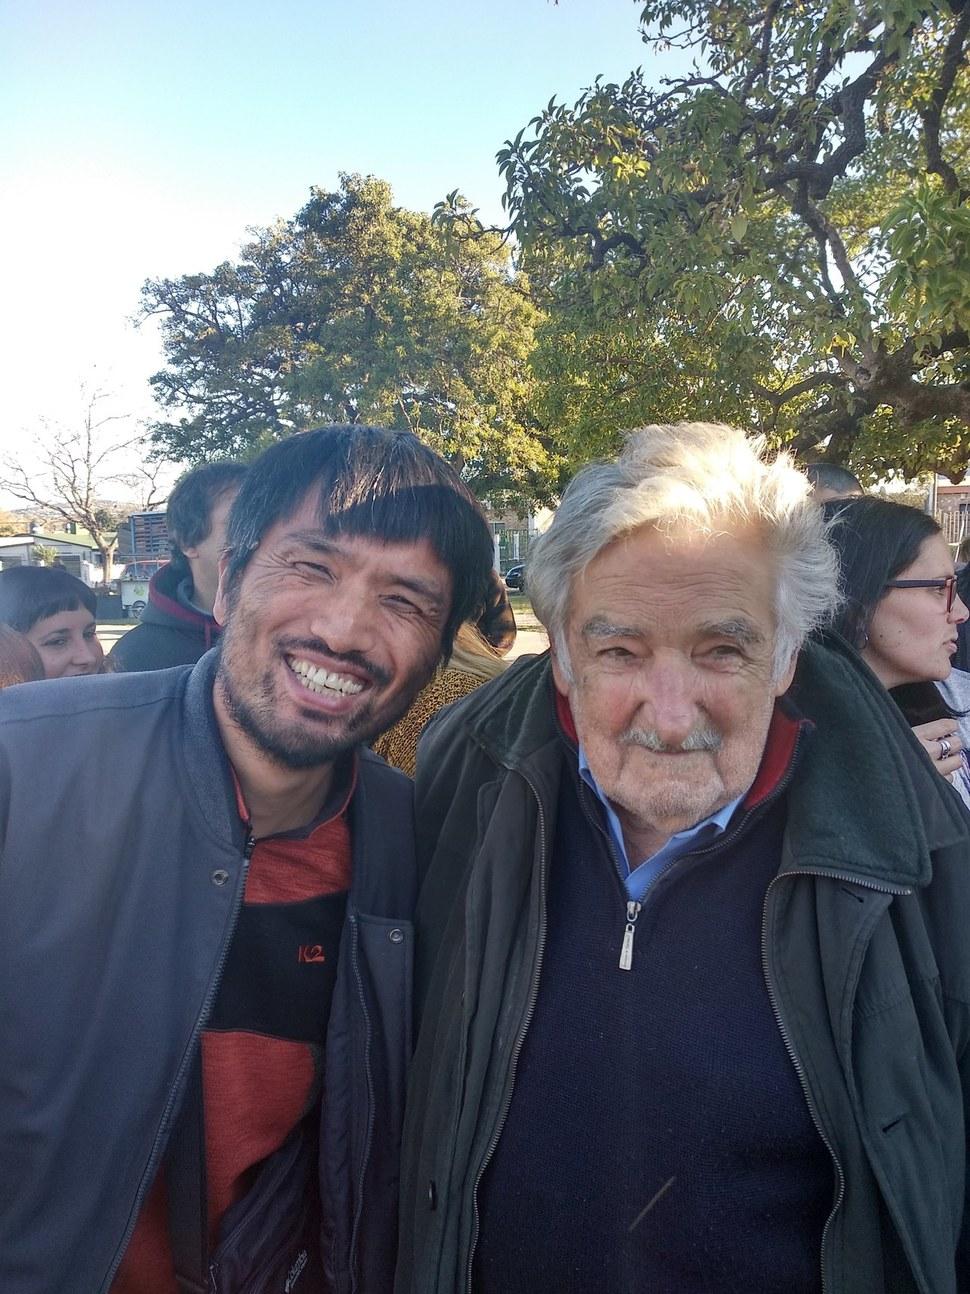 지난 6월초 <한겨레> 독자 공광준씨가 우루과이 몬테비데오 인근에서 열린 '프렌테 암플리오'(광역전선) 연설집회에서 호세 무히카 전 대통령을 만나 기념사진을 찍었다.  공광준 제공